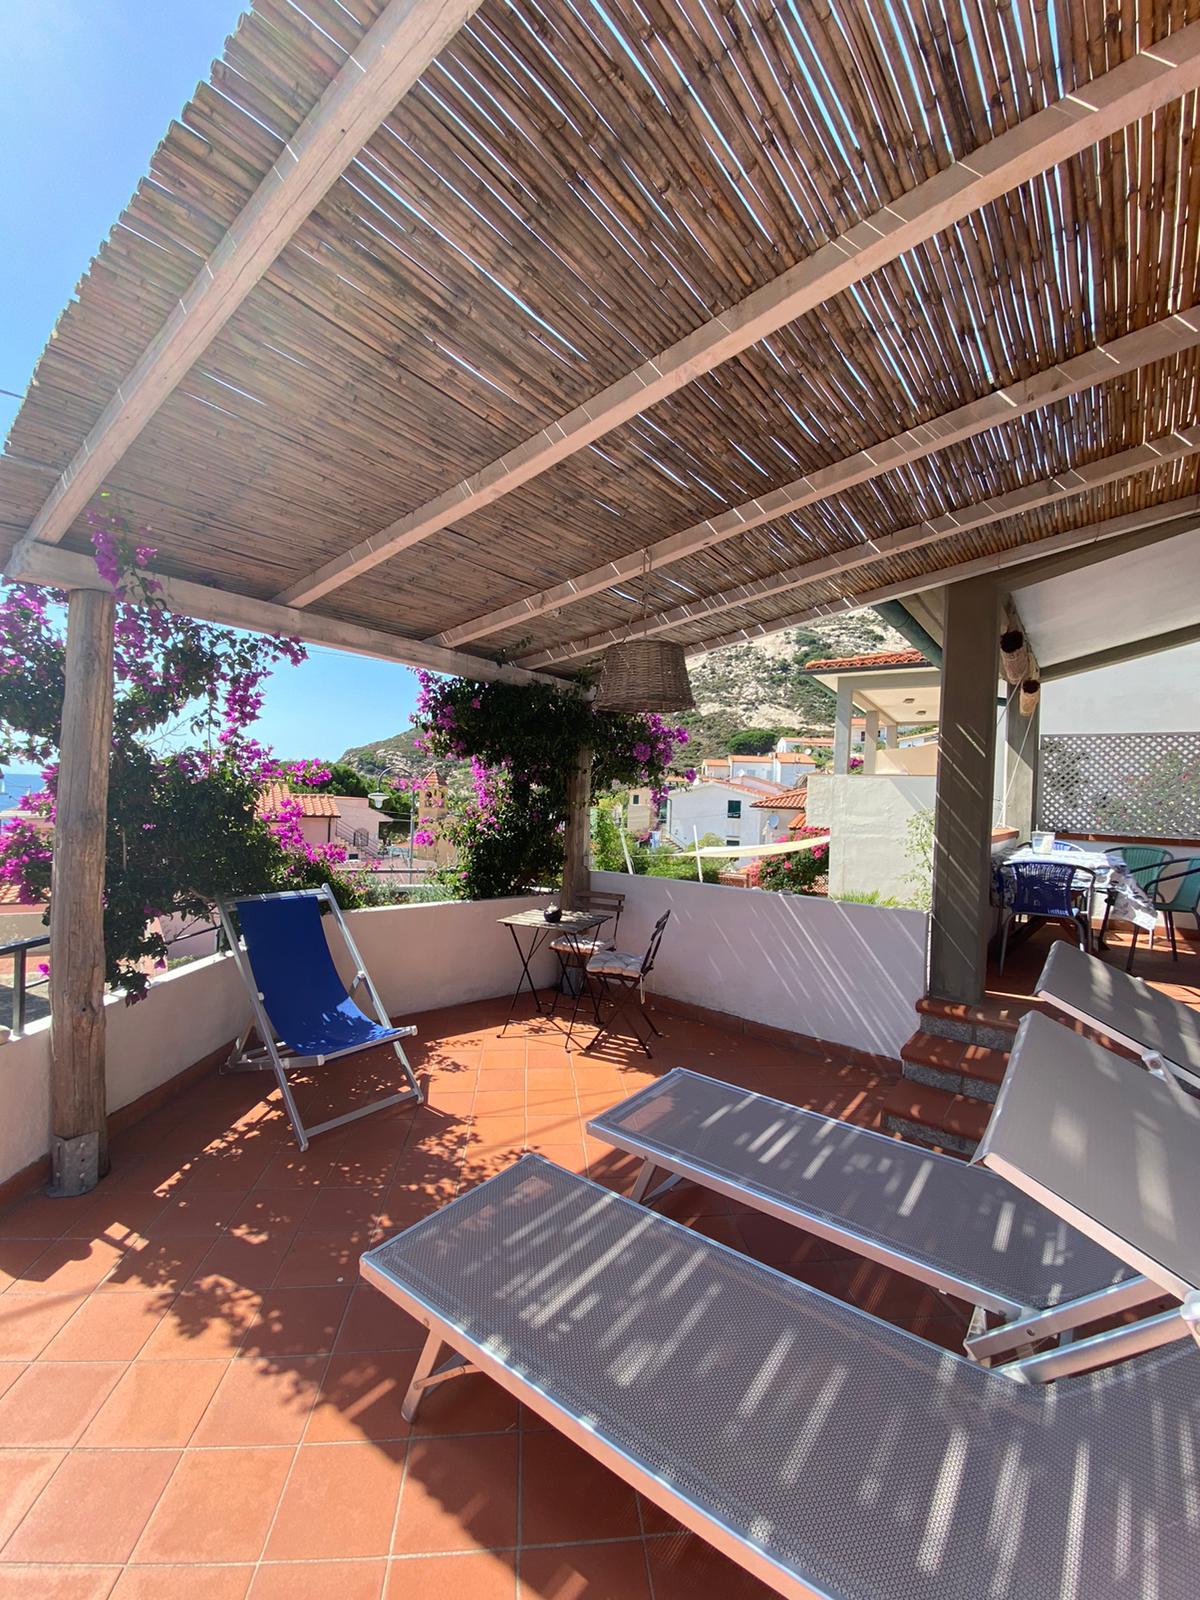 casa Sofia  In der Nähe des Meeres, in dem kleinen Fischerdorfvon Chiessi, sonnige und ruhige Lage, gepflegte Ferienwohnung für 4 Personen!